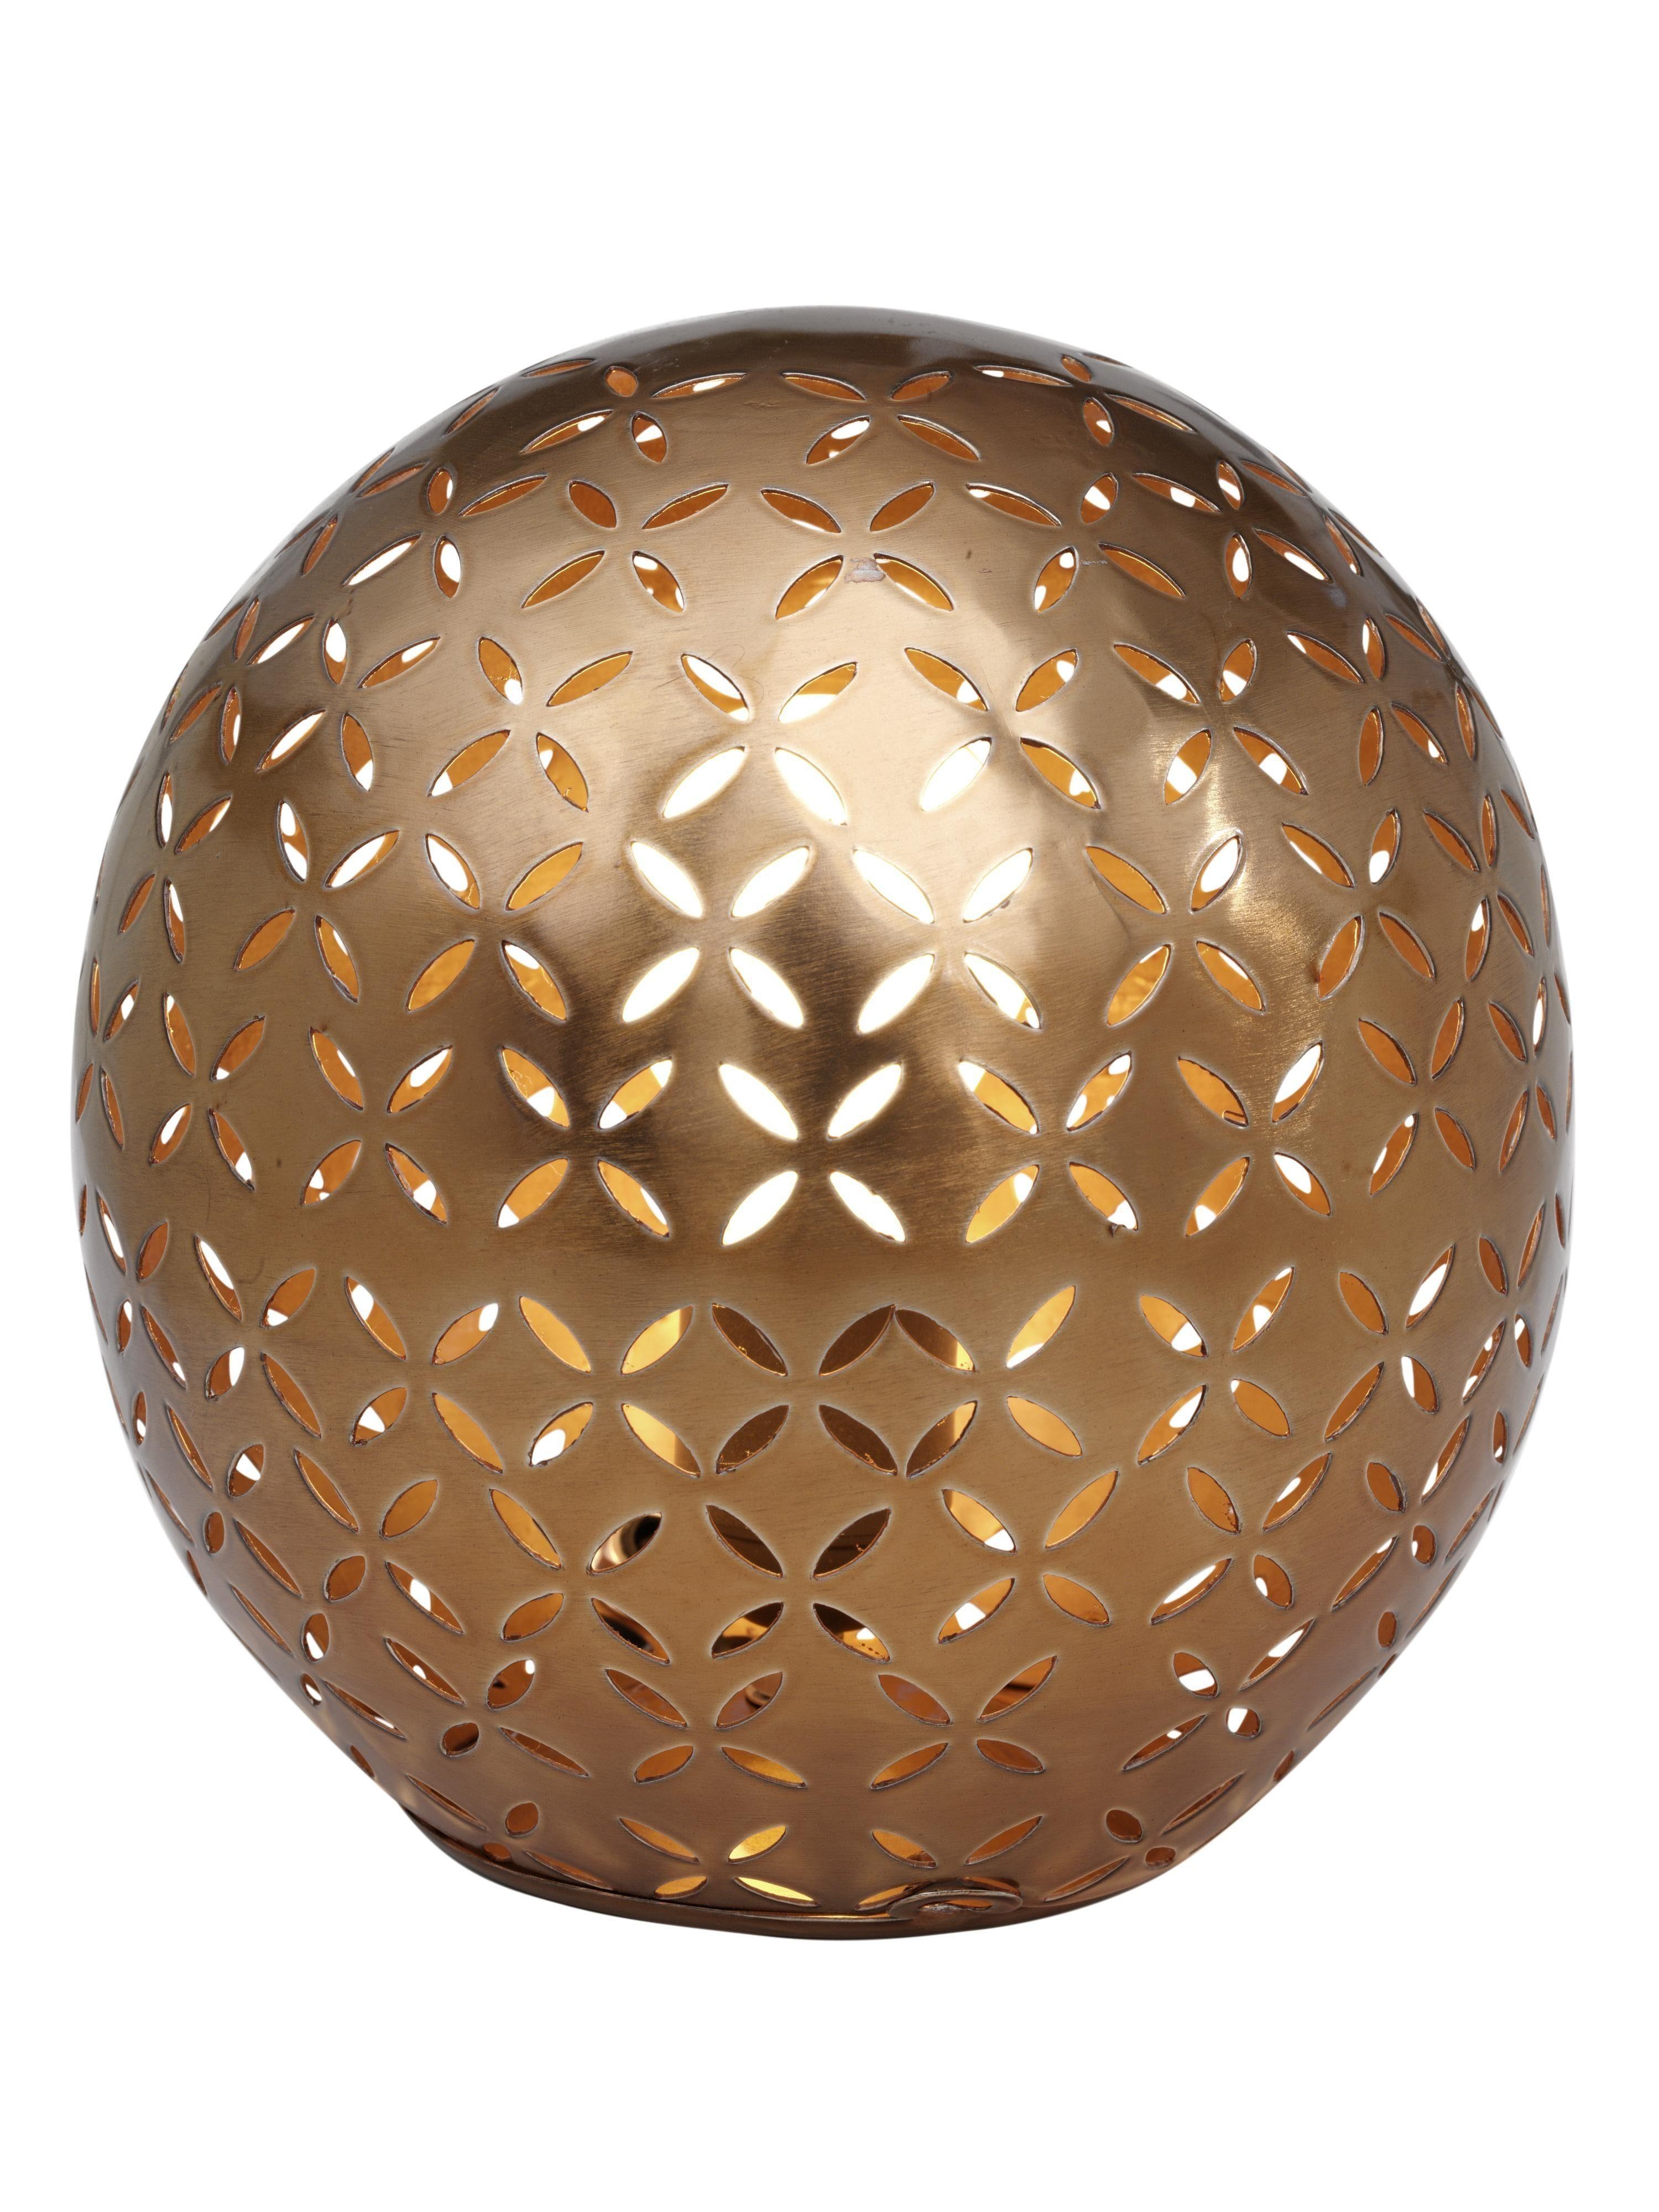 heine home Leuchten Tischleuchte online kaufen   OTTO